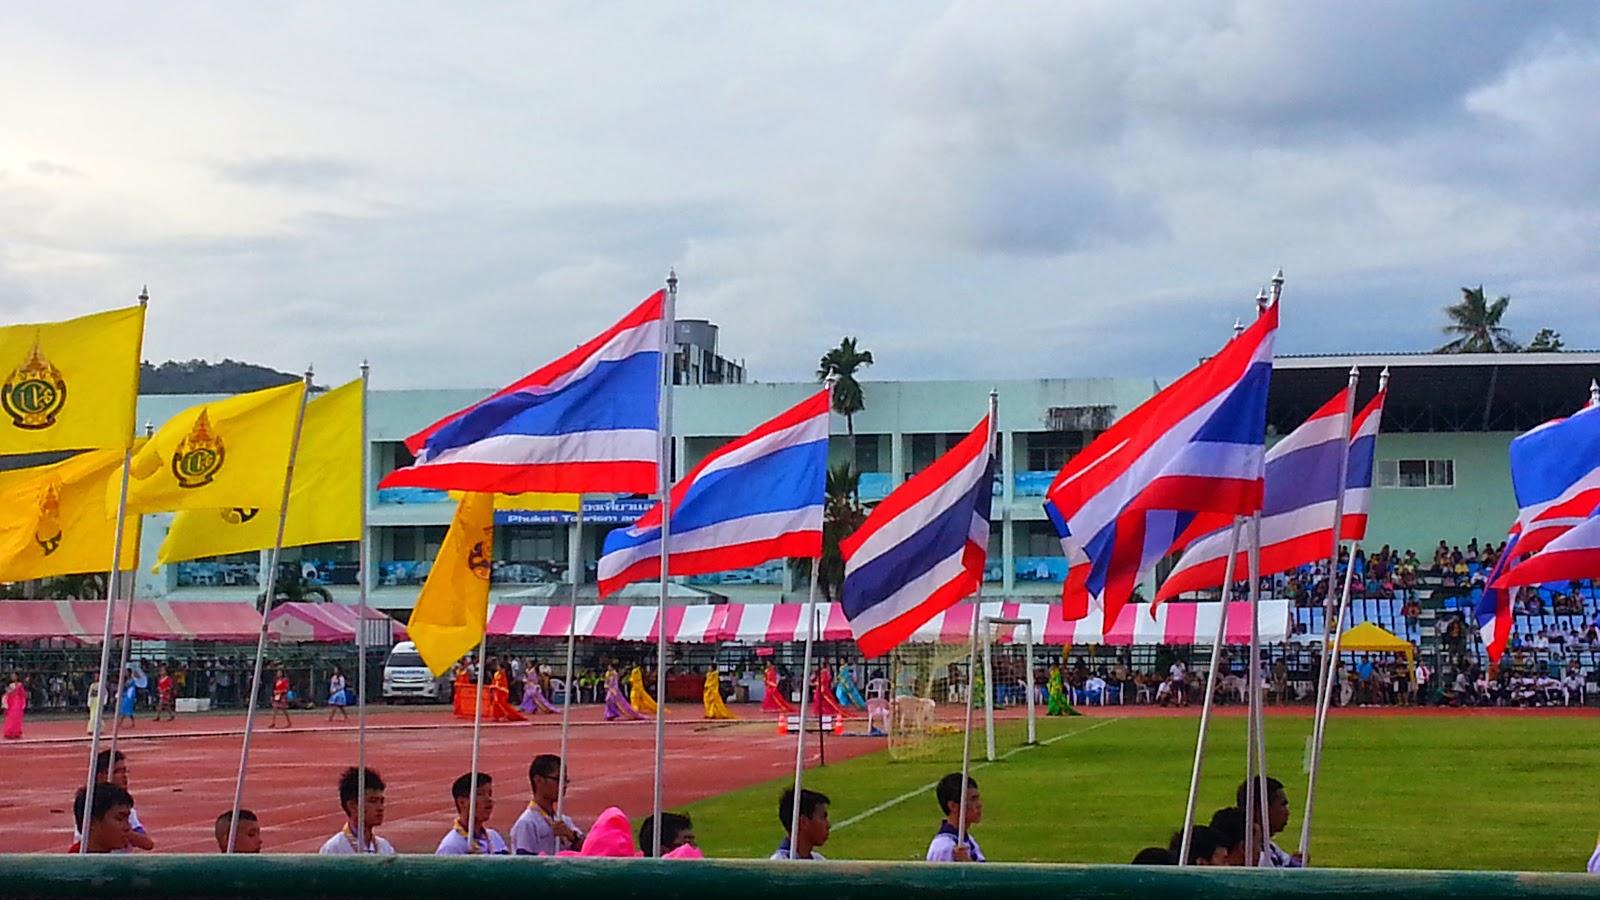 Phuket Stadium